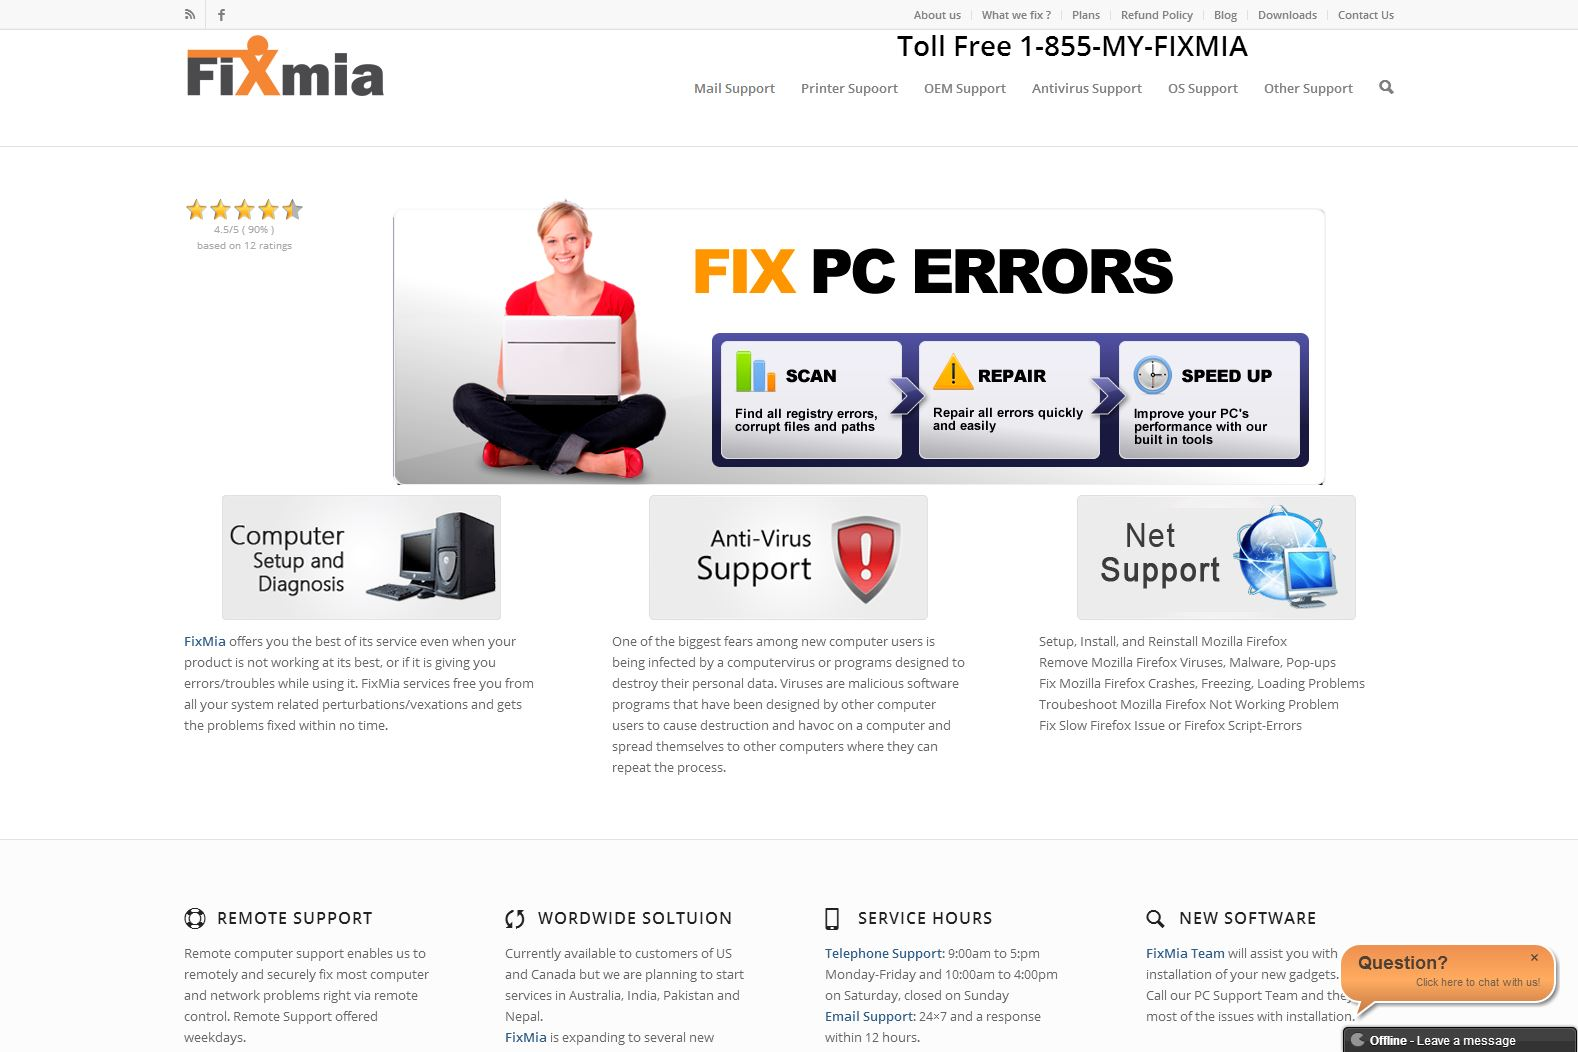 FixMia